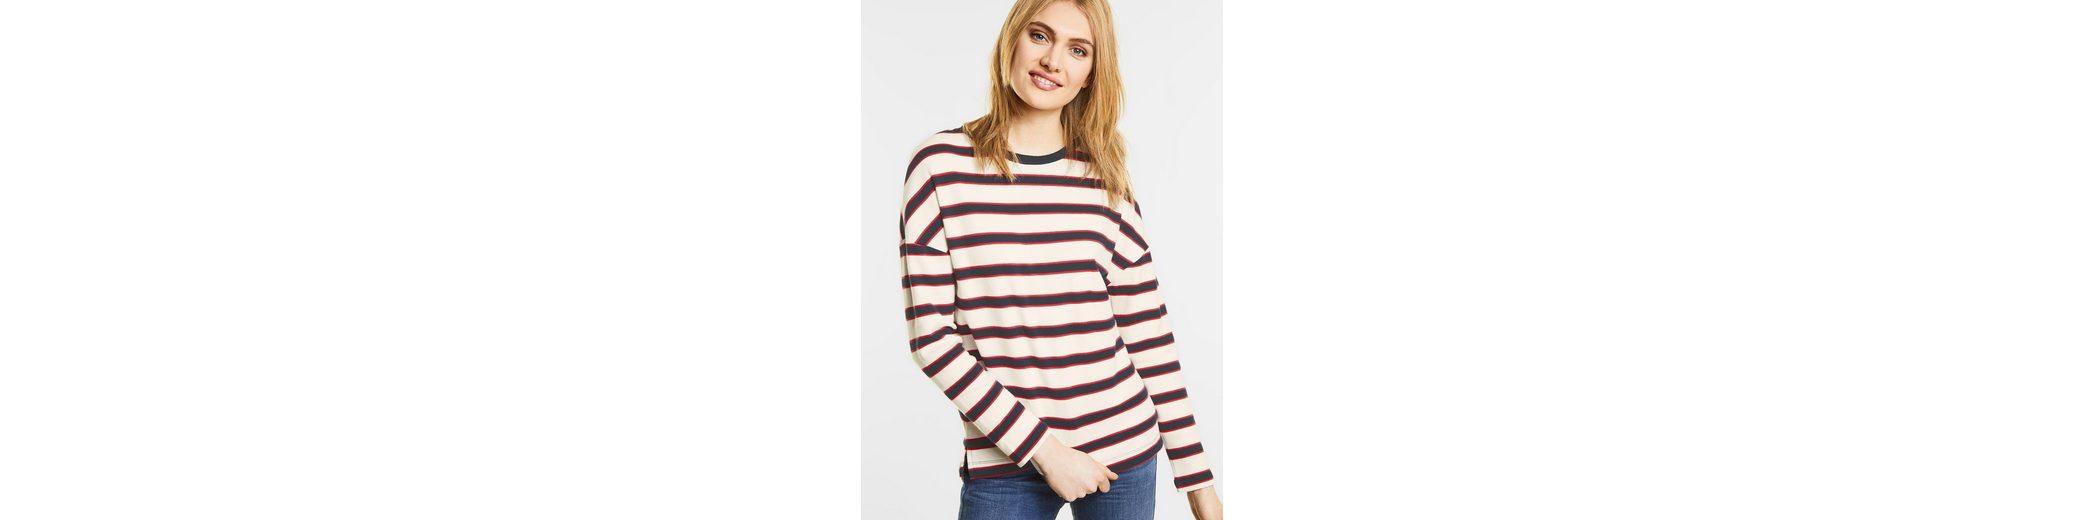 Street Oversize mit One Street One B盲ndern One B盲ndern Sweater Oversize mit Street Sweater SxHTw0aFq